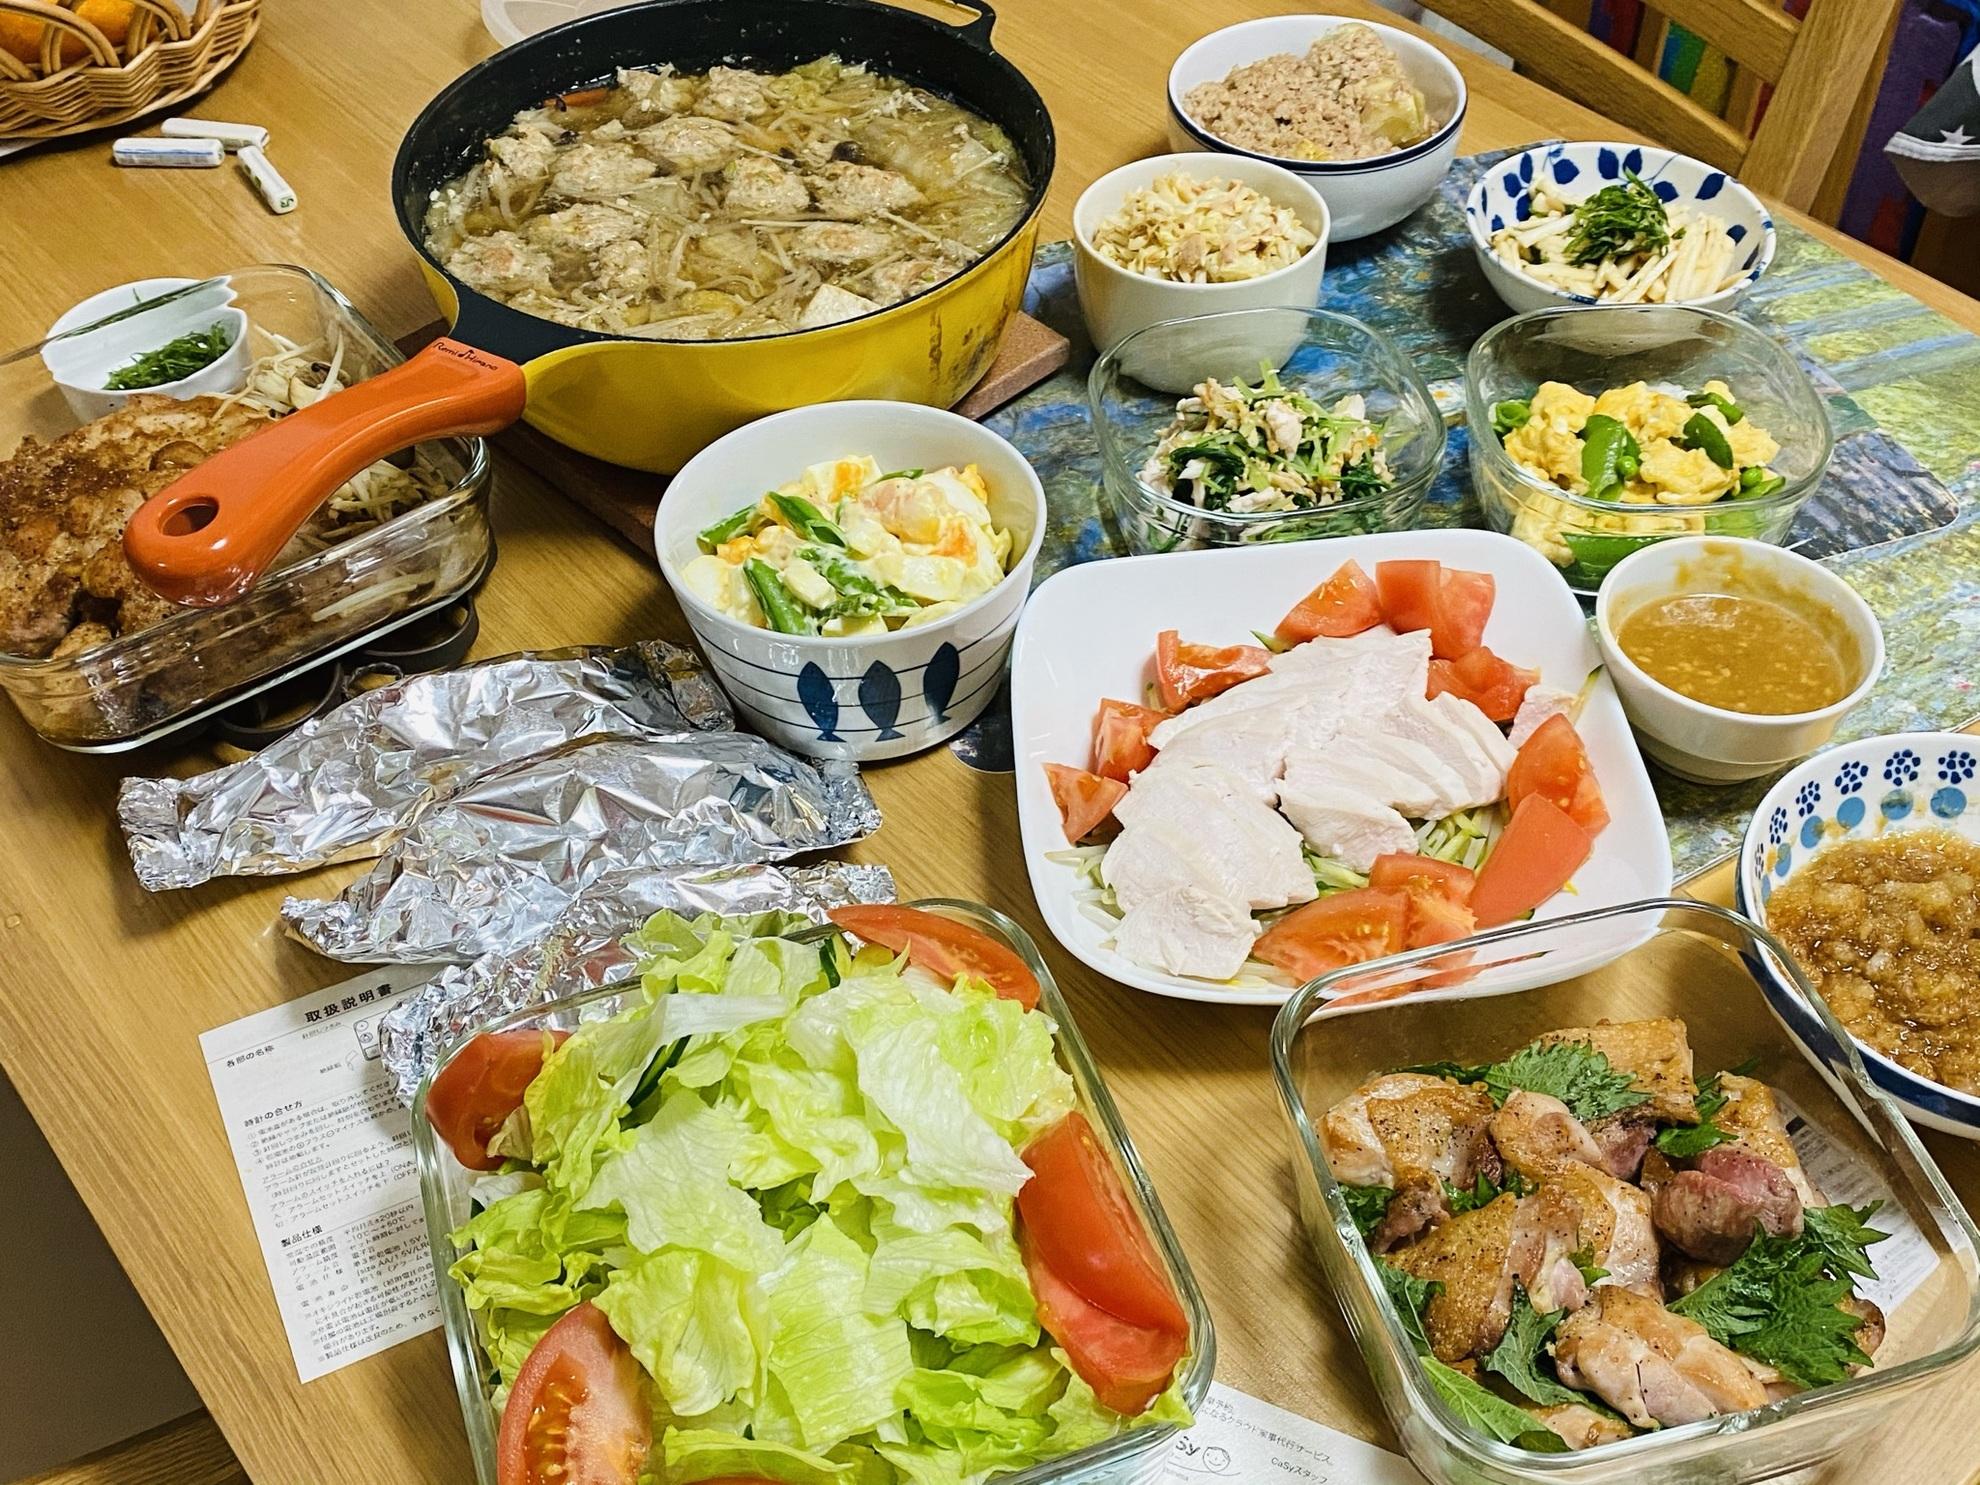 プロ並みのパーティ料理から料理家庭料理全般、対応します!